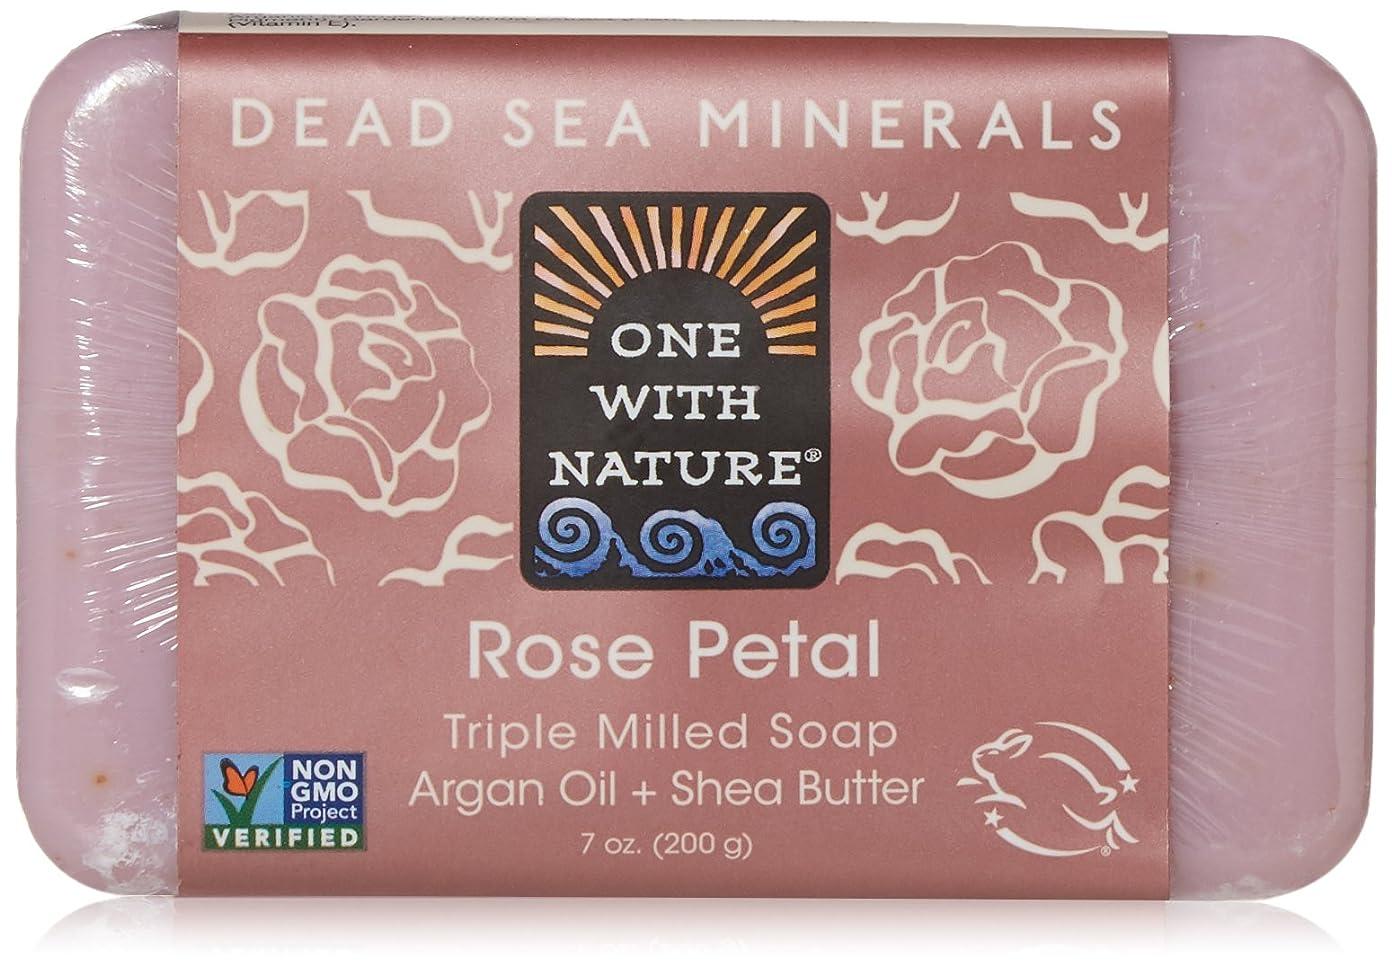 怪しい統治するOne With Nature - 死海ミネラル棒石鹸の穏やかな剥離のバラの花びら - 7ポンド [並行輸入品]